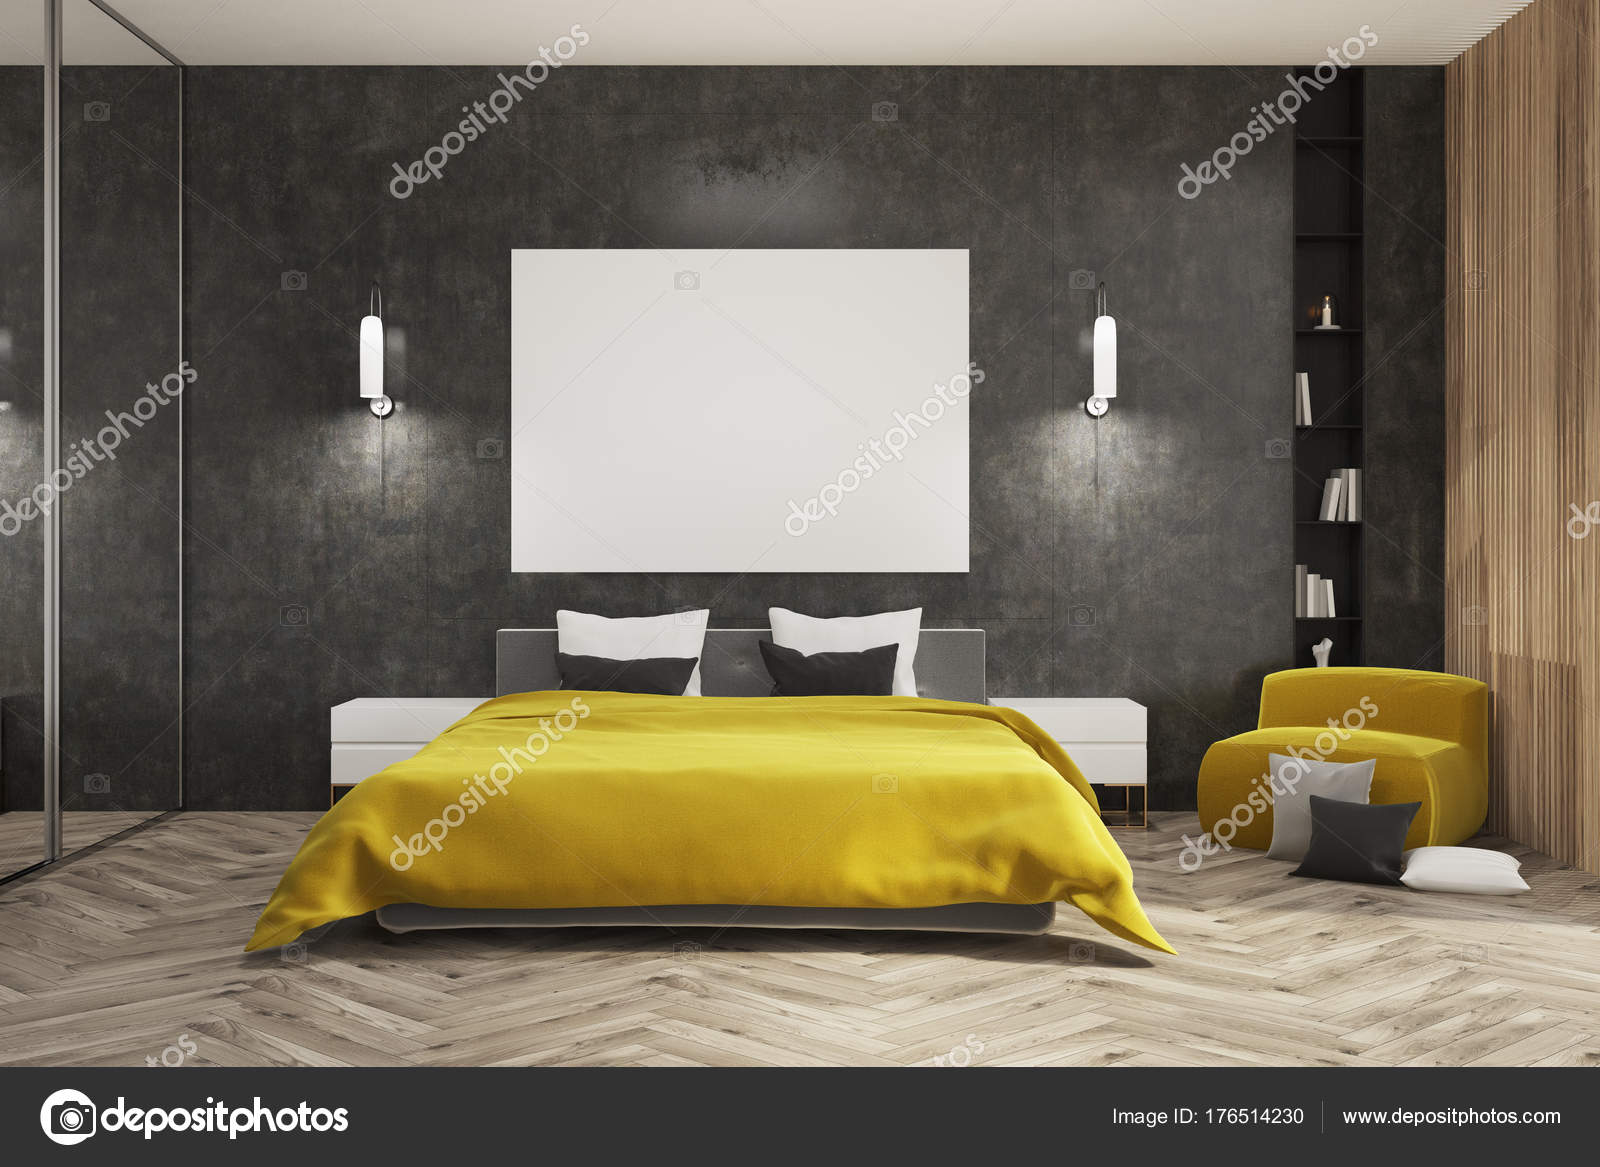 Dormitorio negro y madera, cama amarillo, cartel — Foto de stock ...